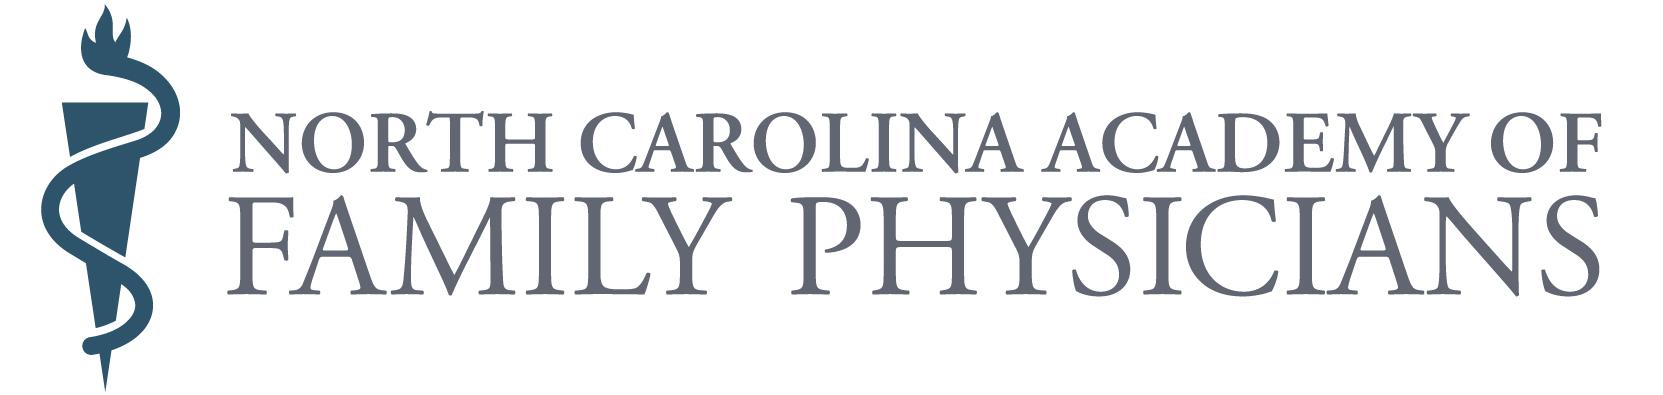 NCAFP Logo